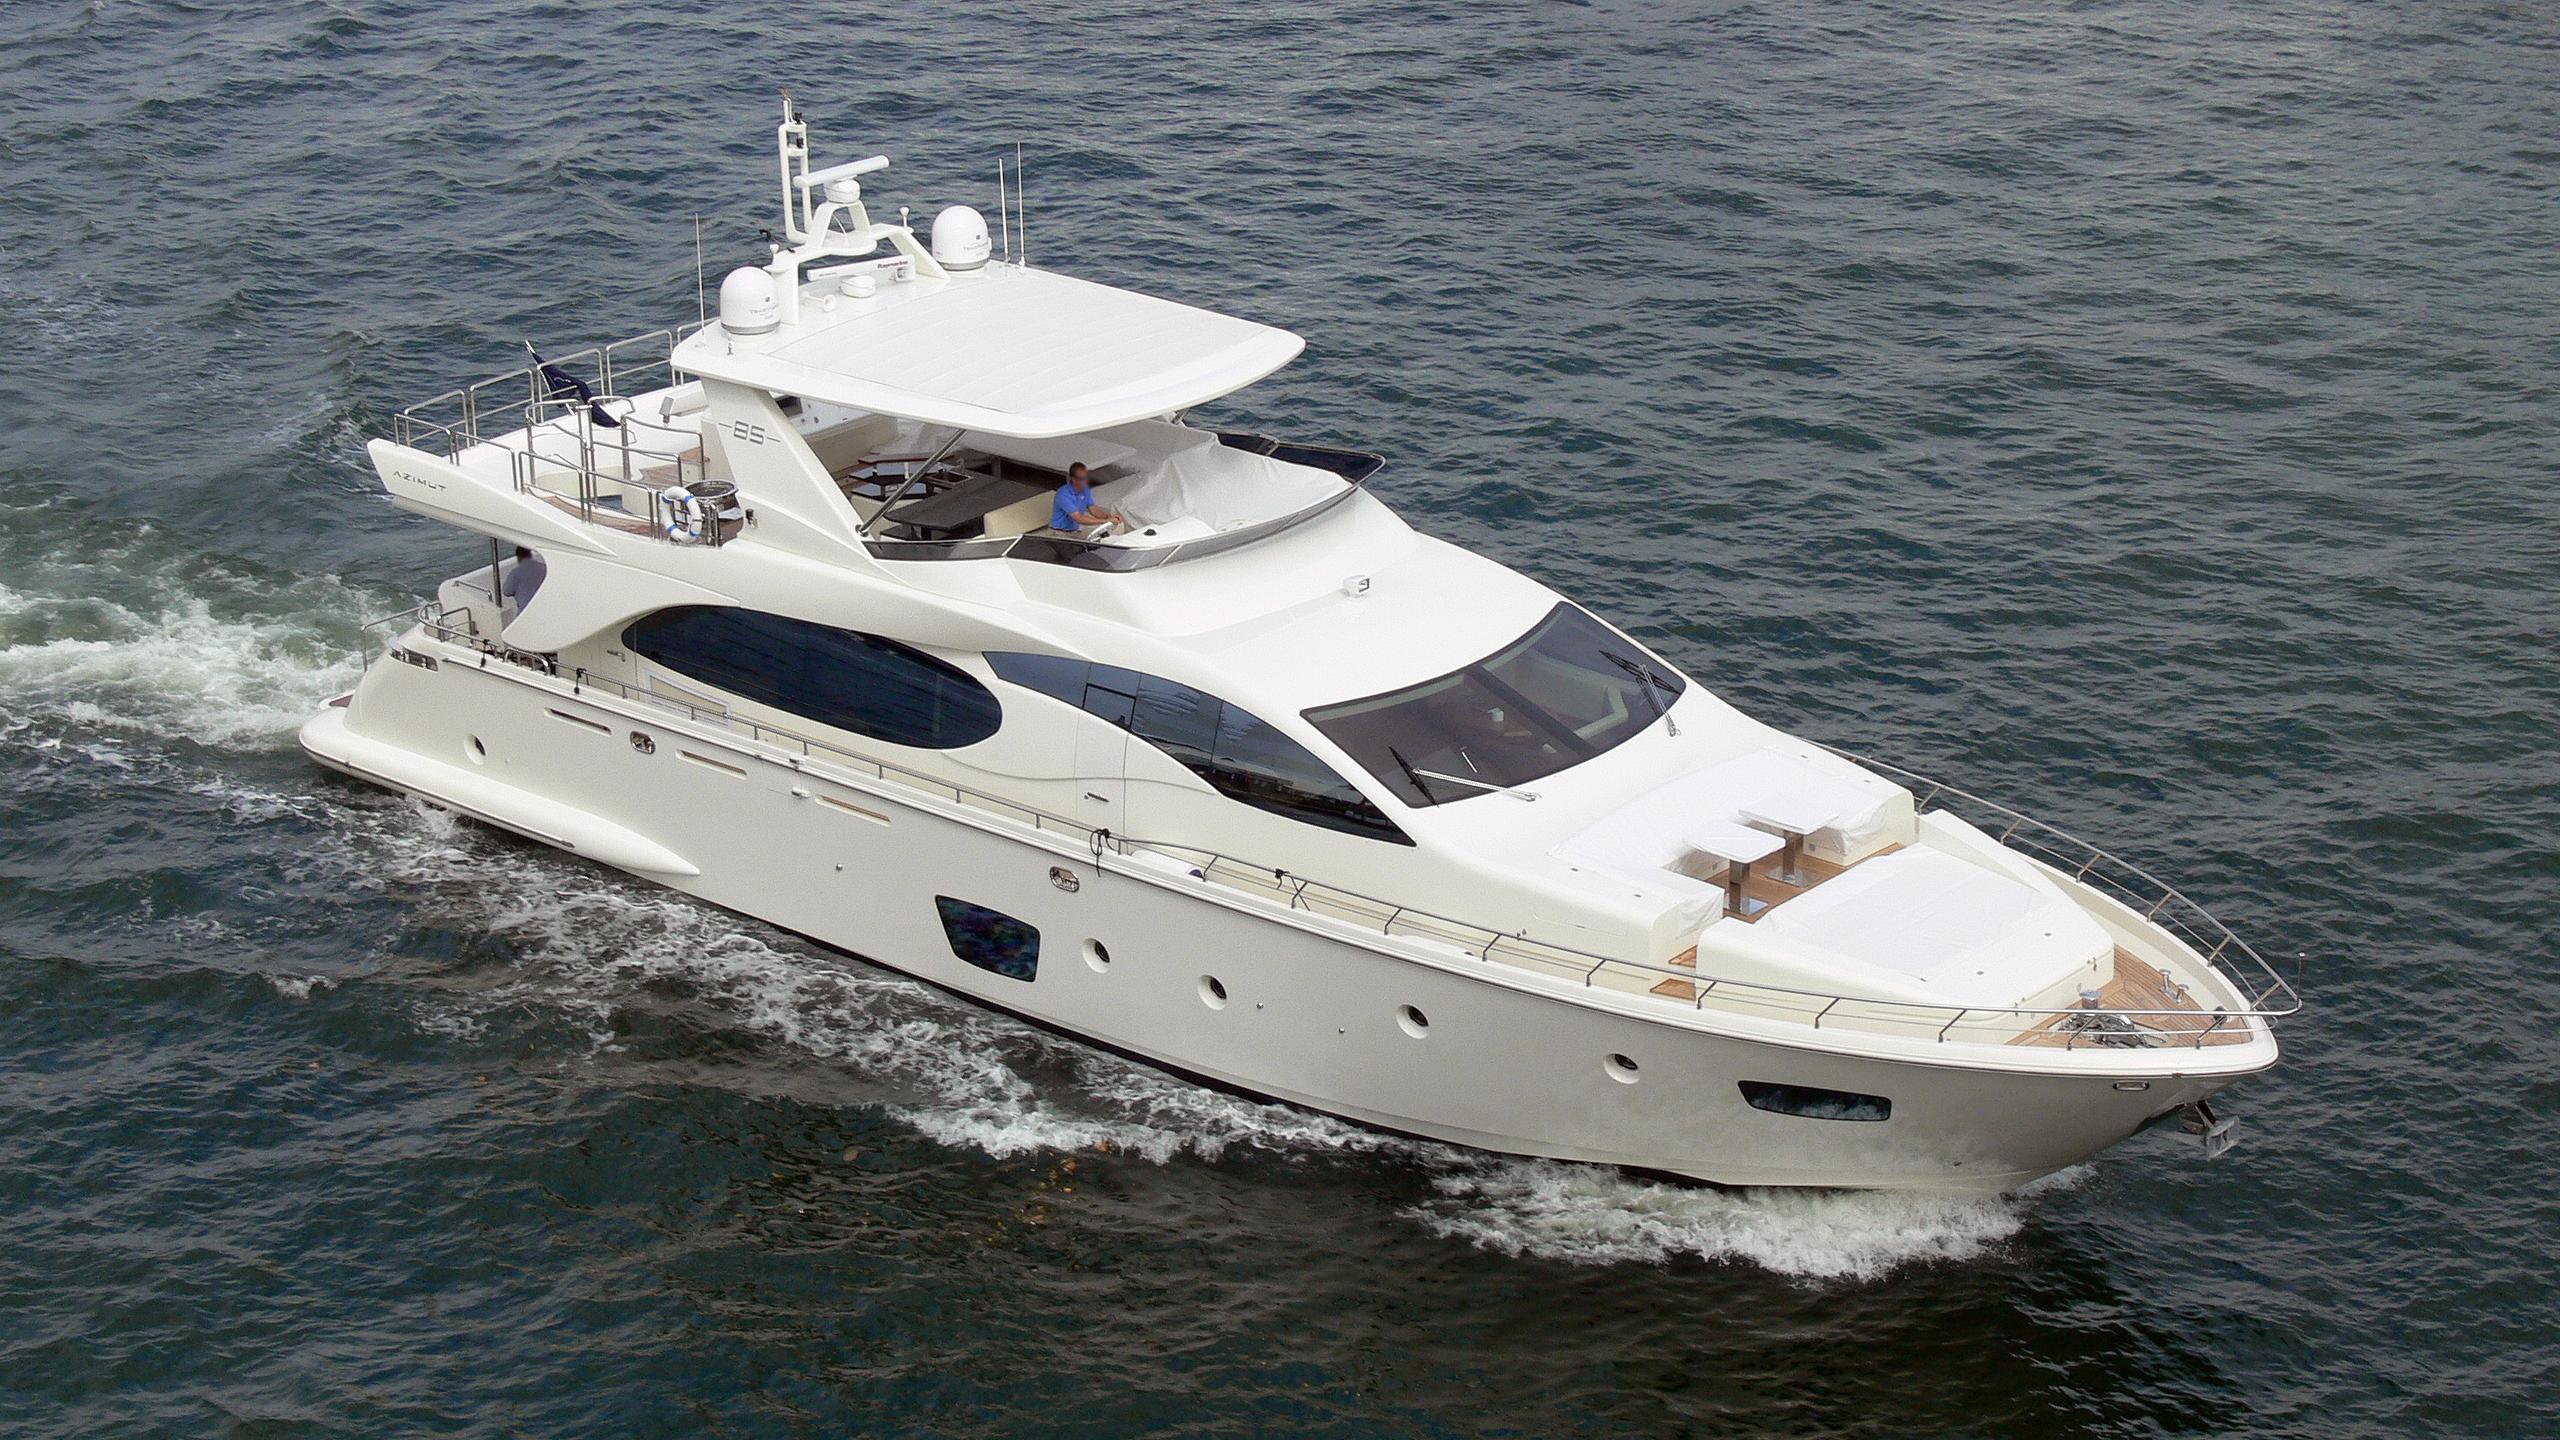 azimut-az-85-125-motor-yacht-2007-27m-aerial